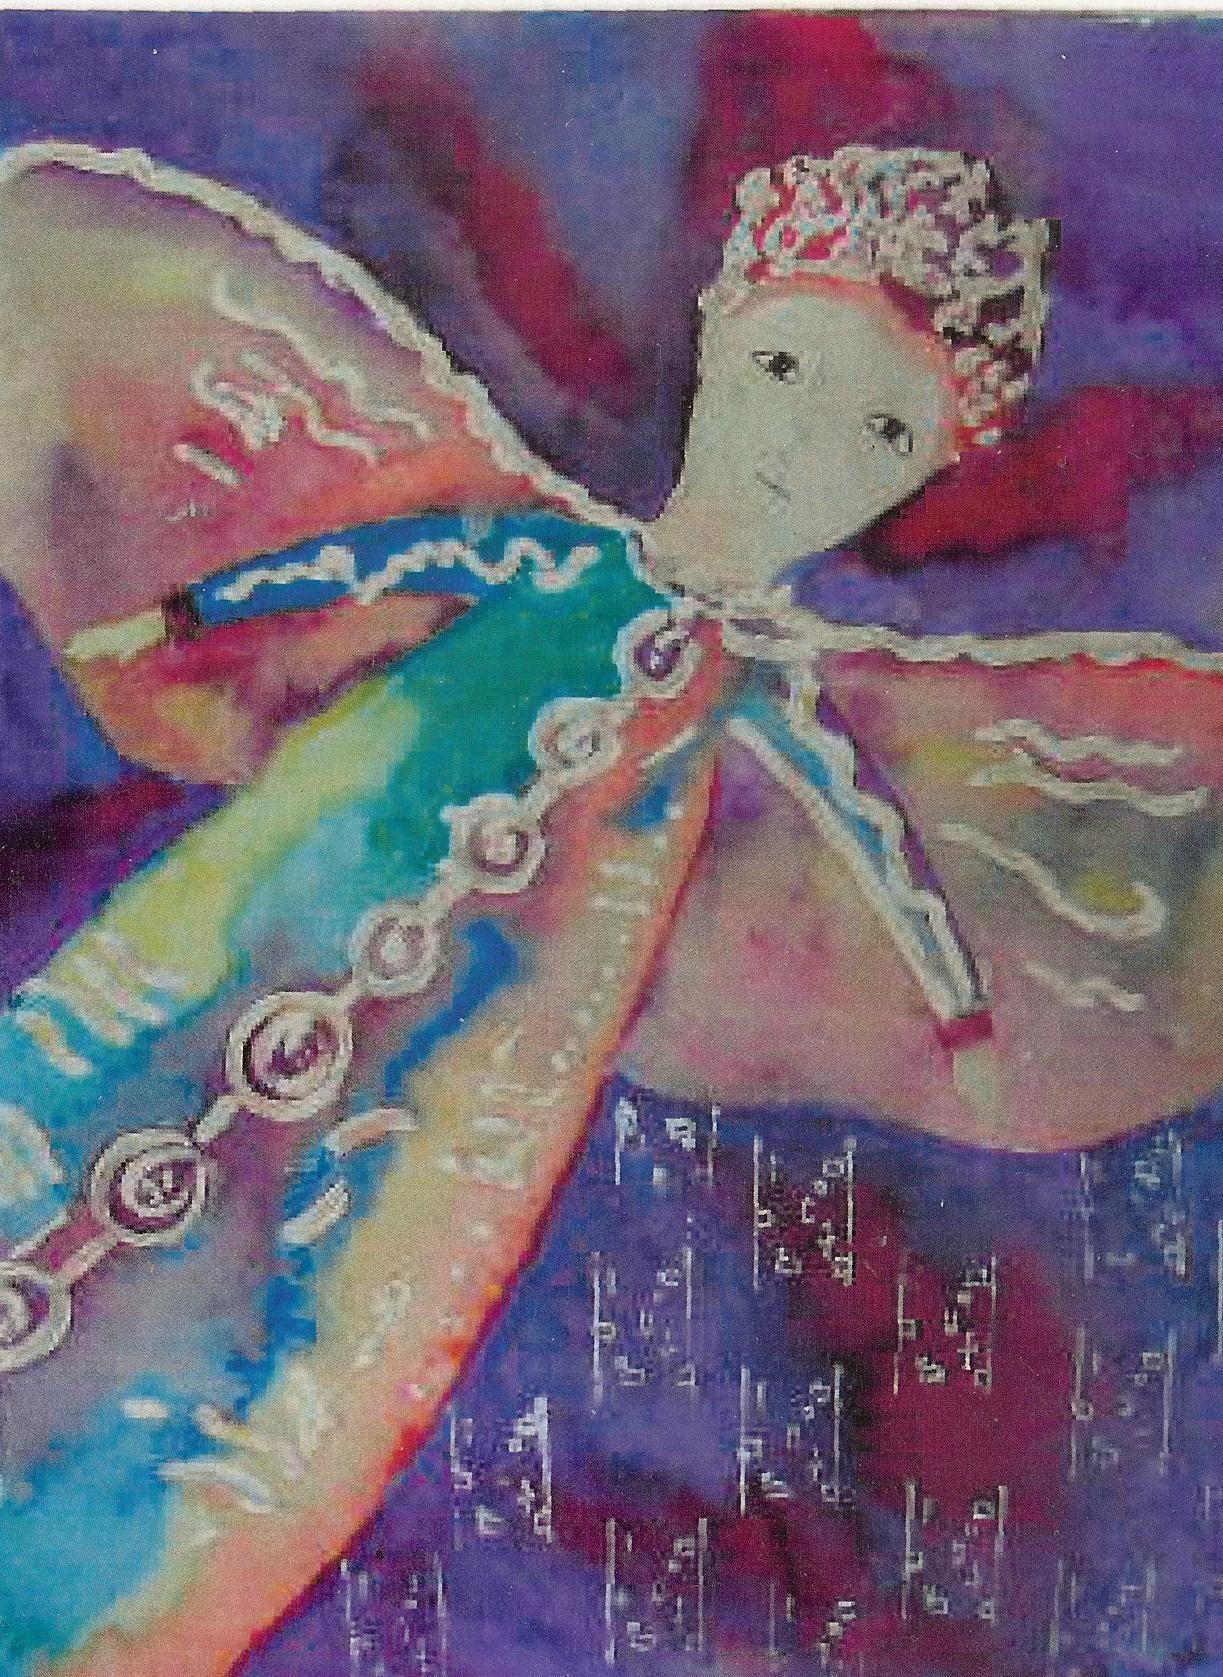 Blue Angel by Marie Lloyd